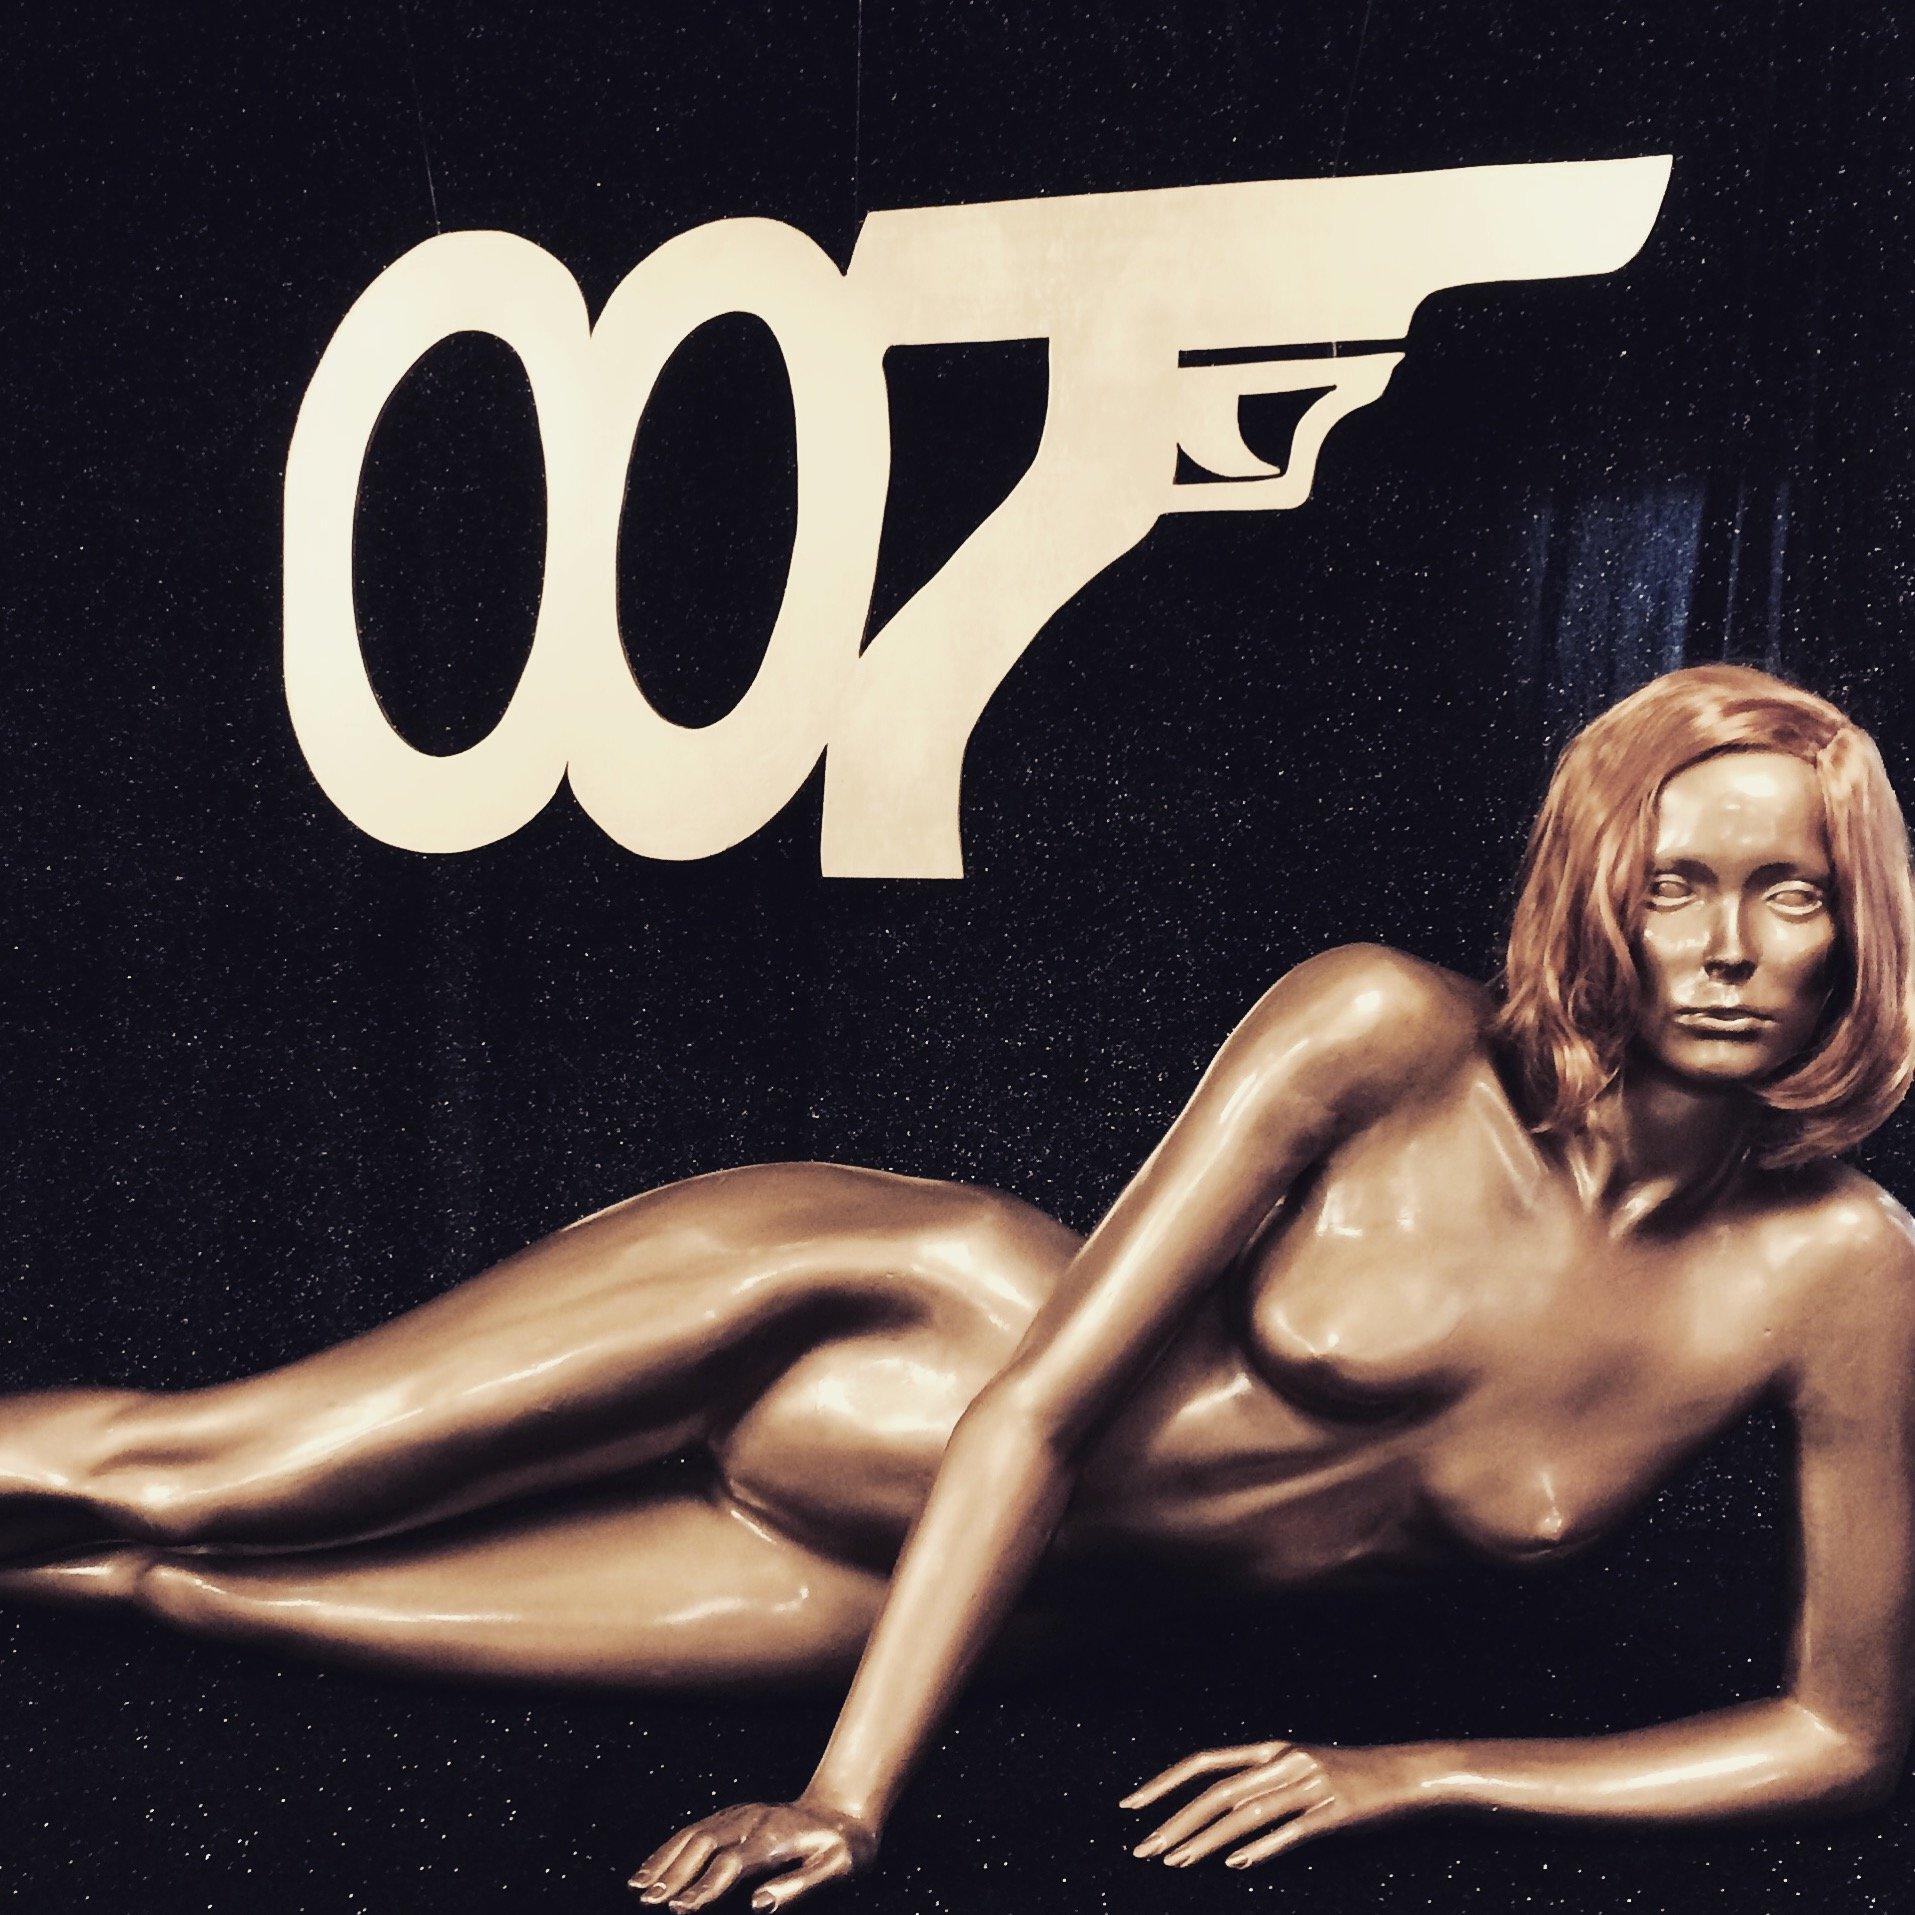 James Bond 007 sign and Gold Finger mannequin